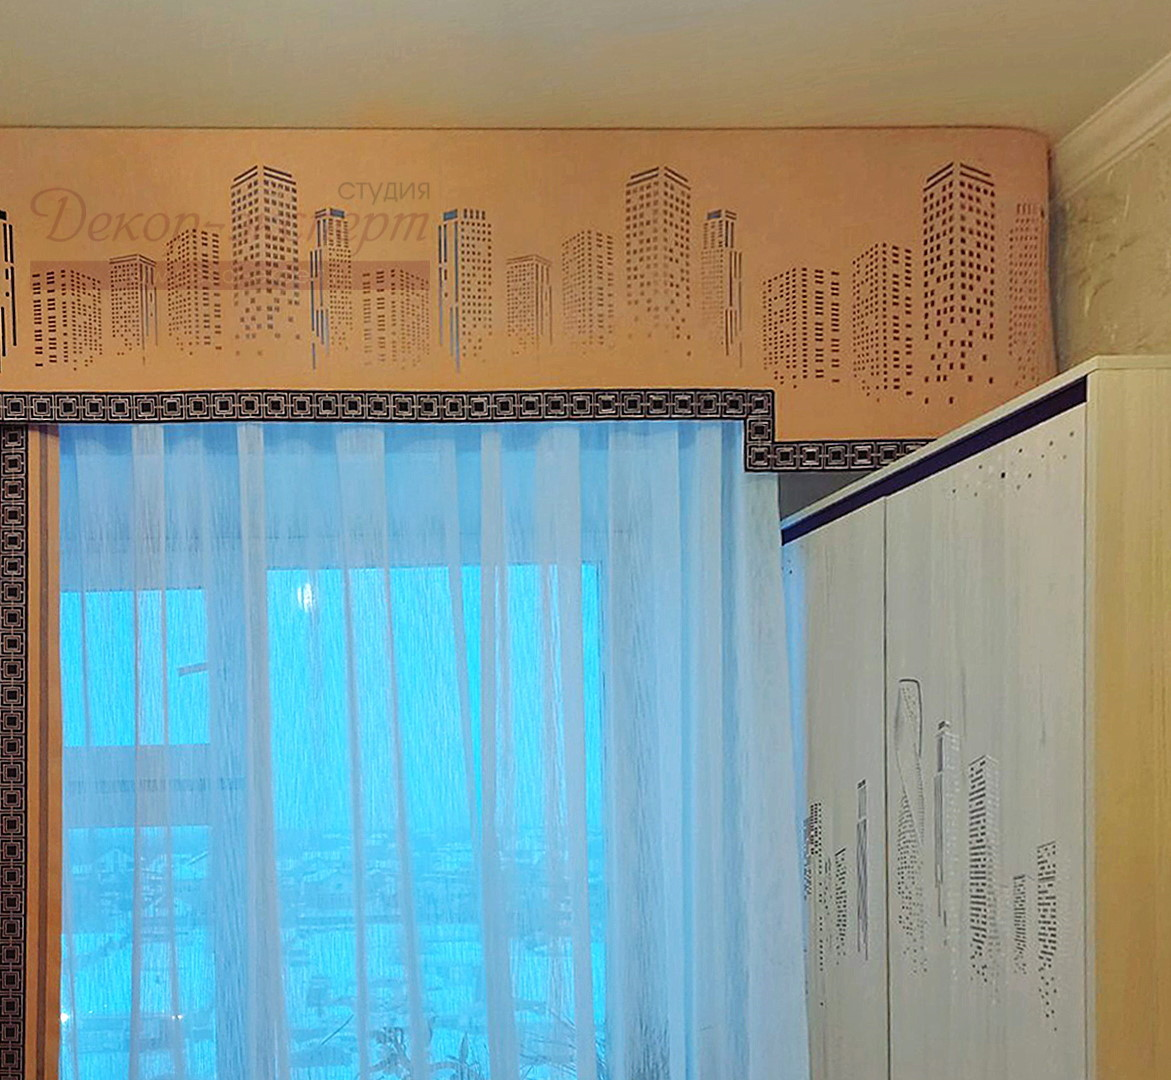 Фото правого фрагмента штор с перфорированным ламбрекеном и отделкой декоративным бордюром.